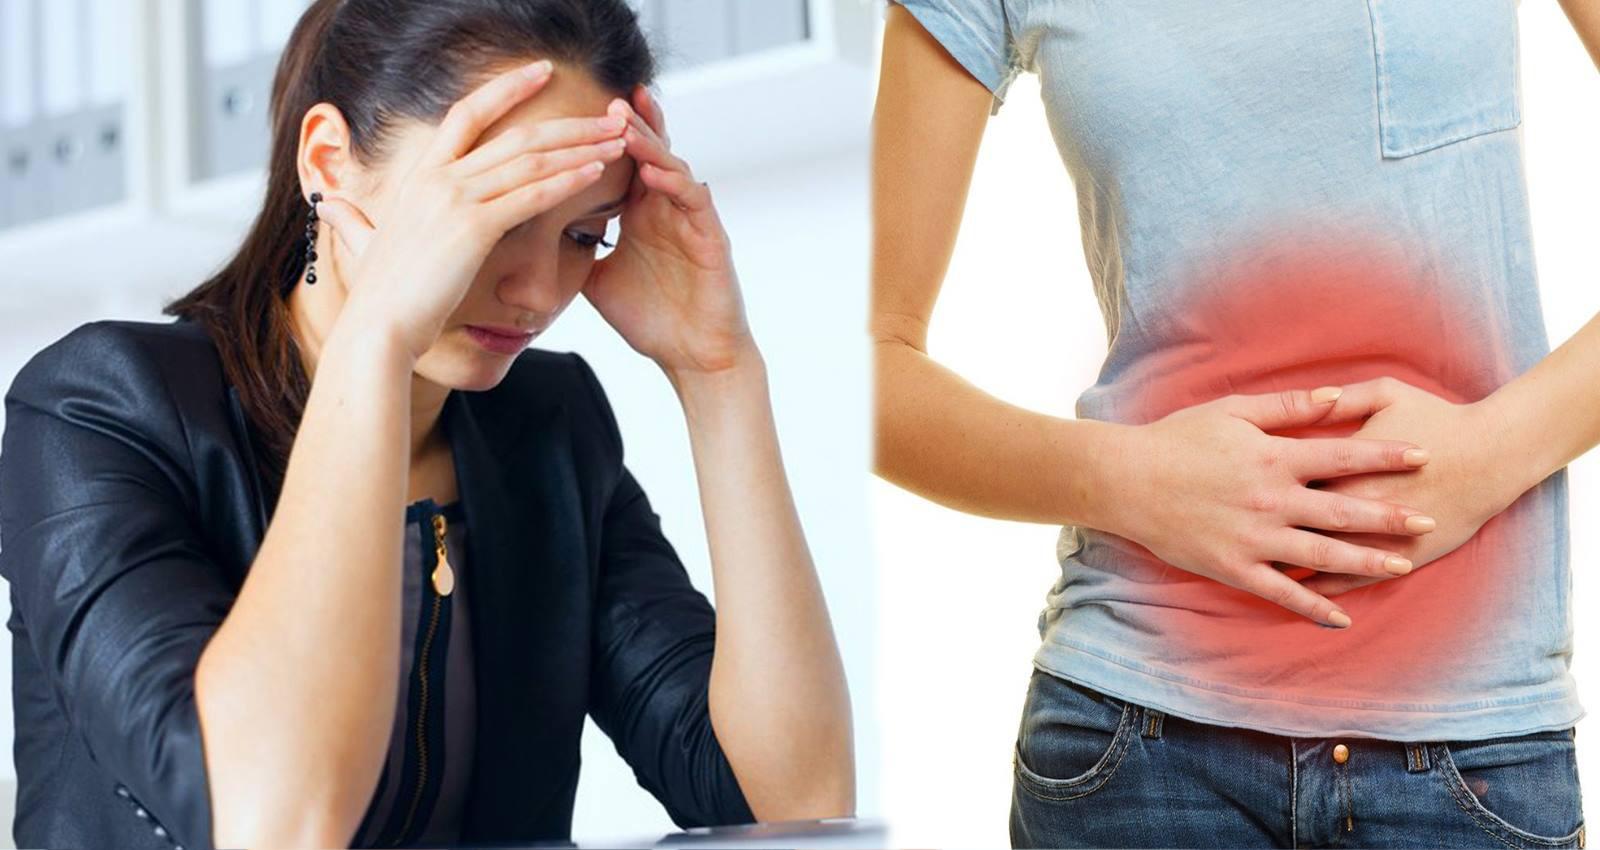 Căng thẳng kéo dài - thủ phạm khiến triệu chứng viêm đại tràng co thắt ngày càng nghiêm trọng - Ảnh 2.